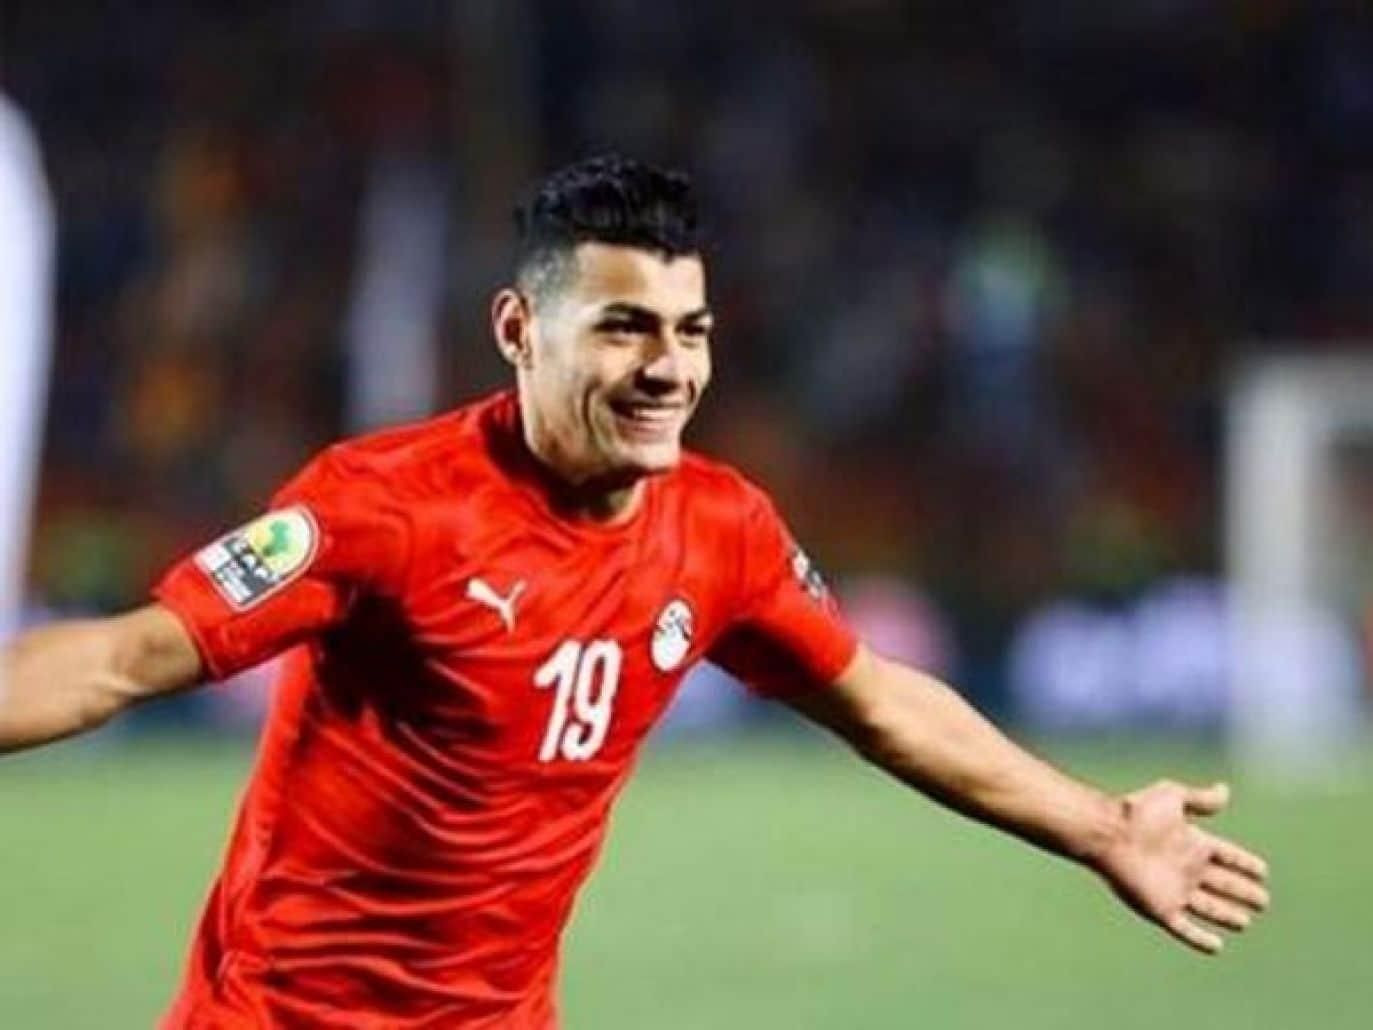 اتحاد الكرة المصري وإيقاف اللاعب عبد الرحمن مجدي